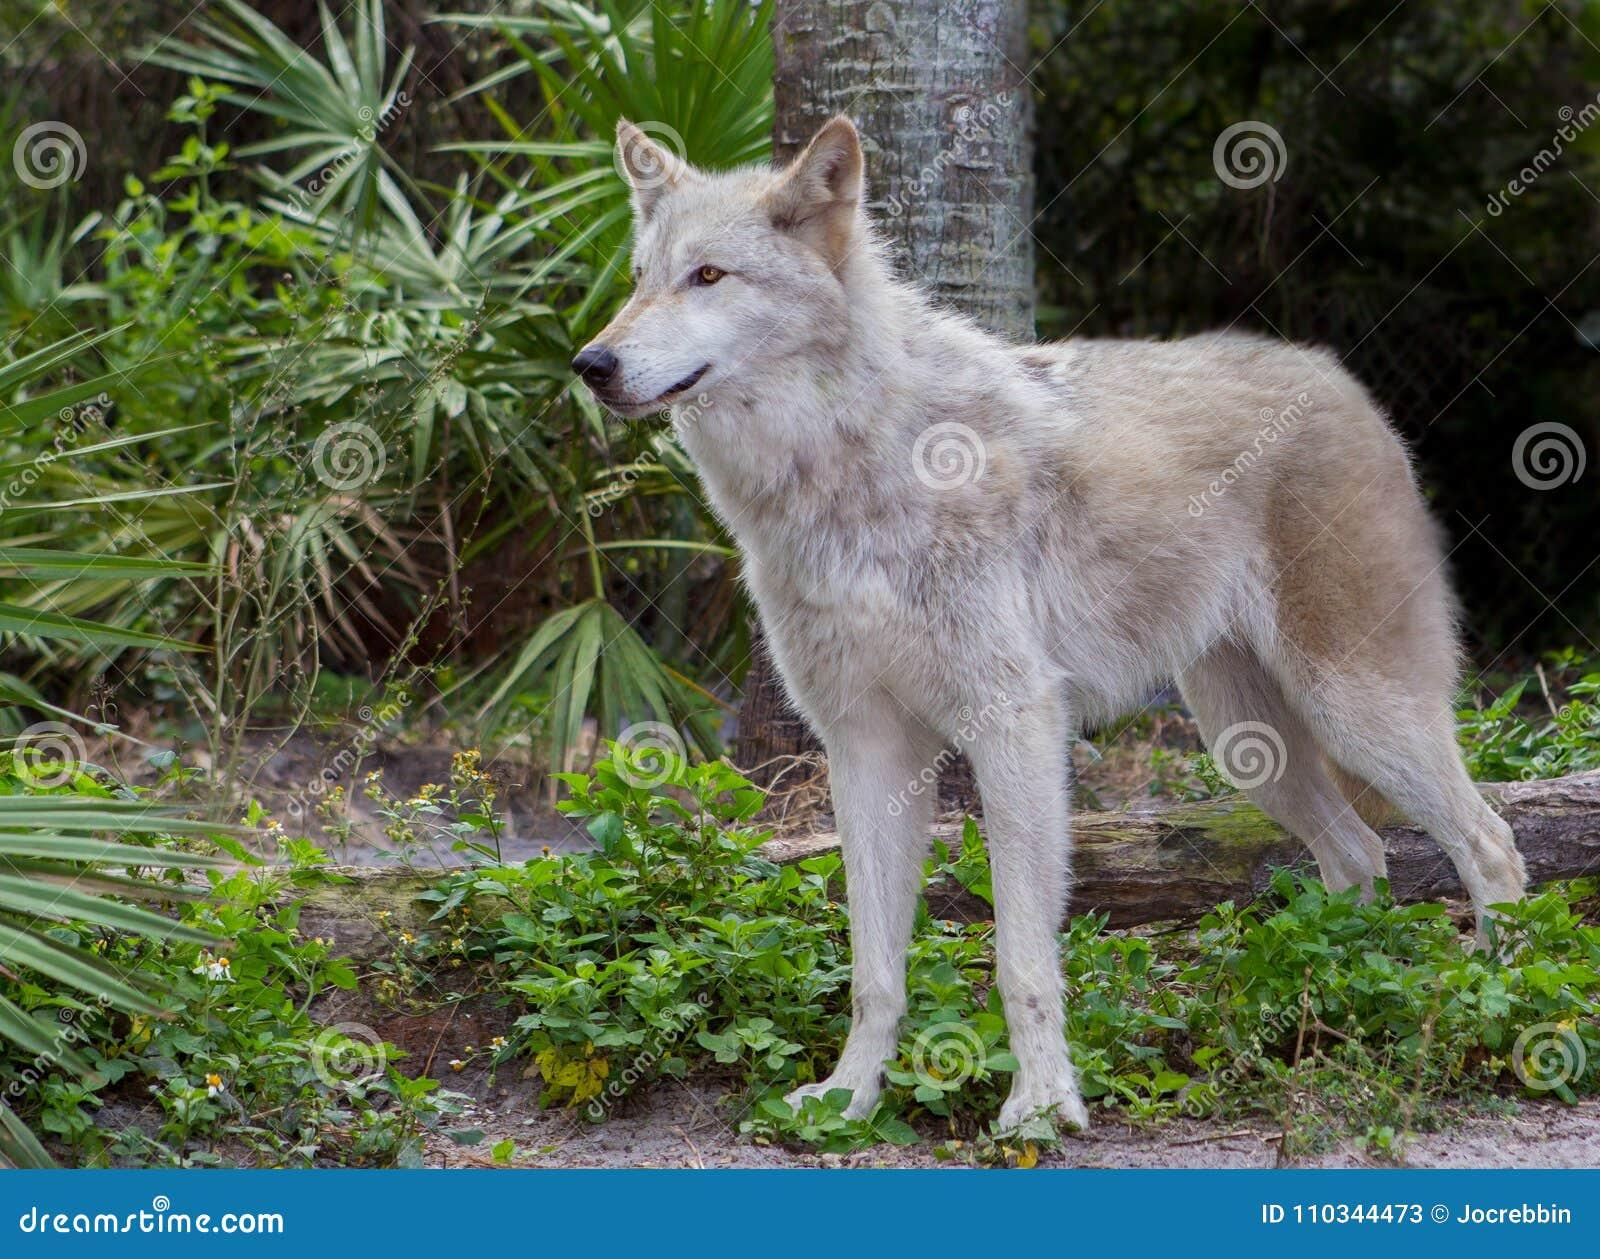 Красивый серый волк ищет опасность